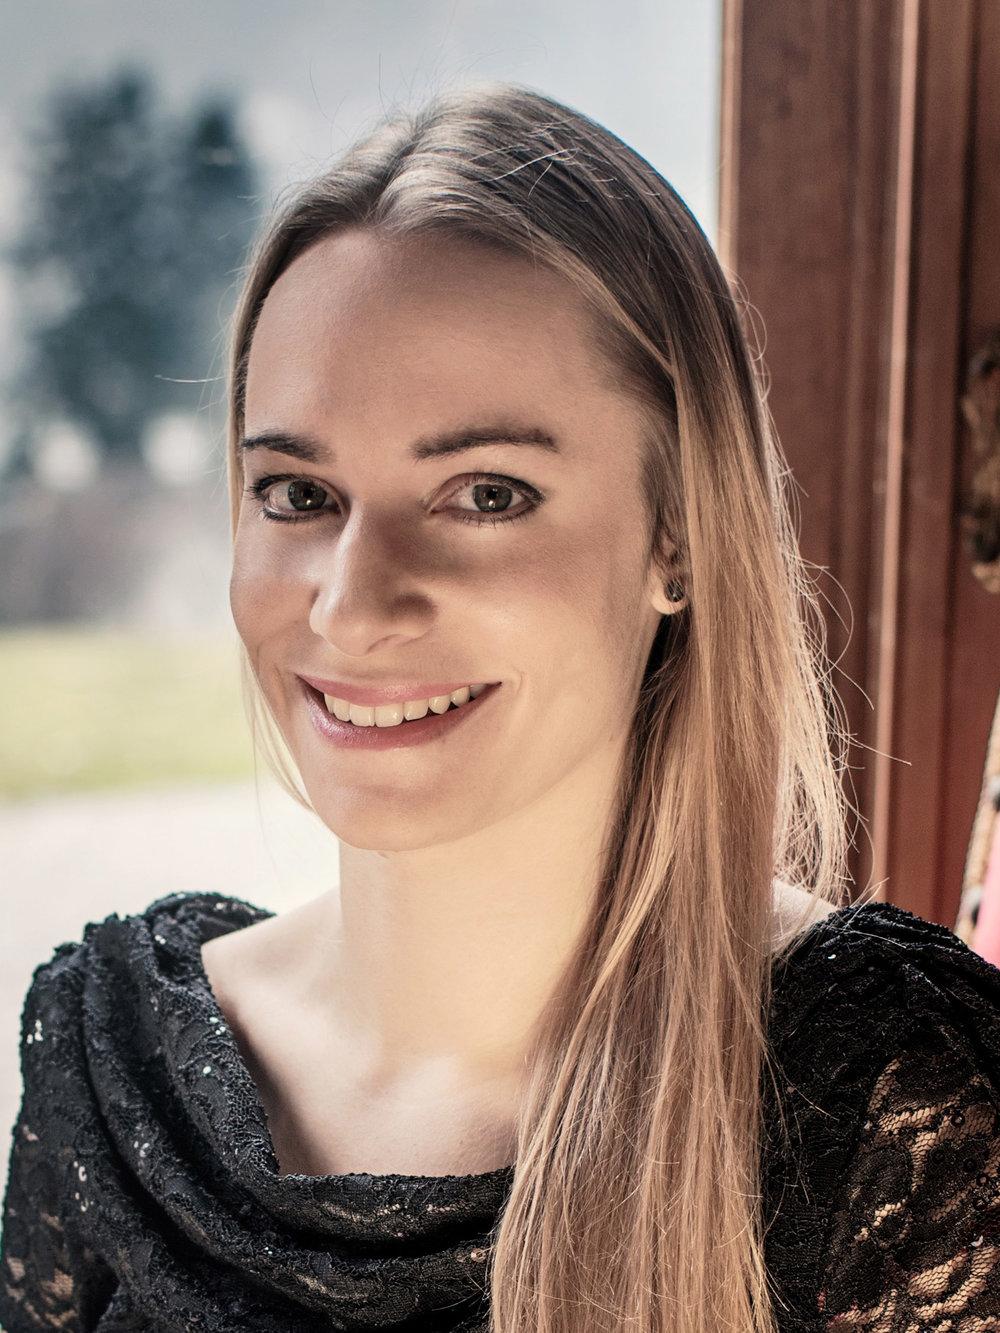 Susanne Andres - MezzosopranEs gibt so viel wunderbare Musik. Um sie zu entdecken, sollte man sich einen breiten Horizont erarbeiten und den Willen zu Tiefgang stärken.